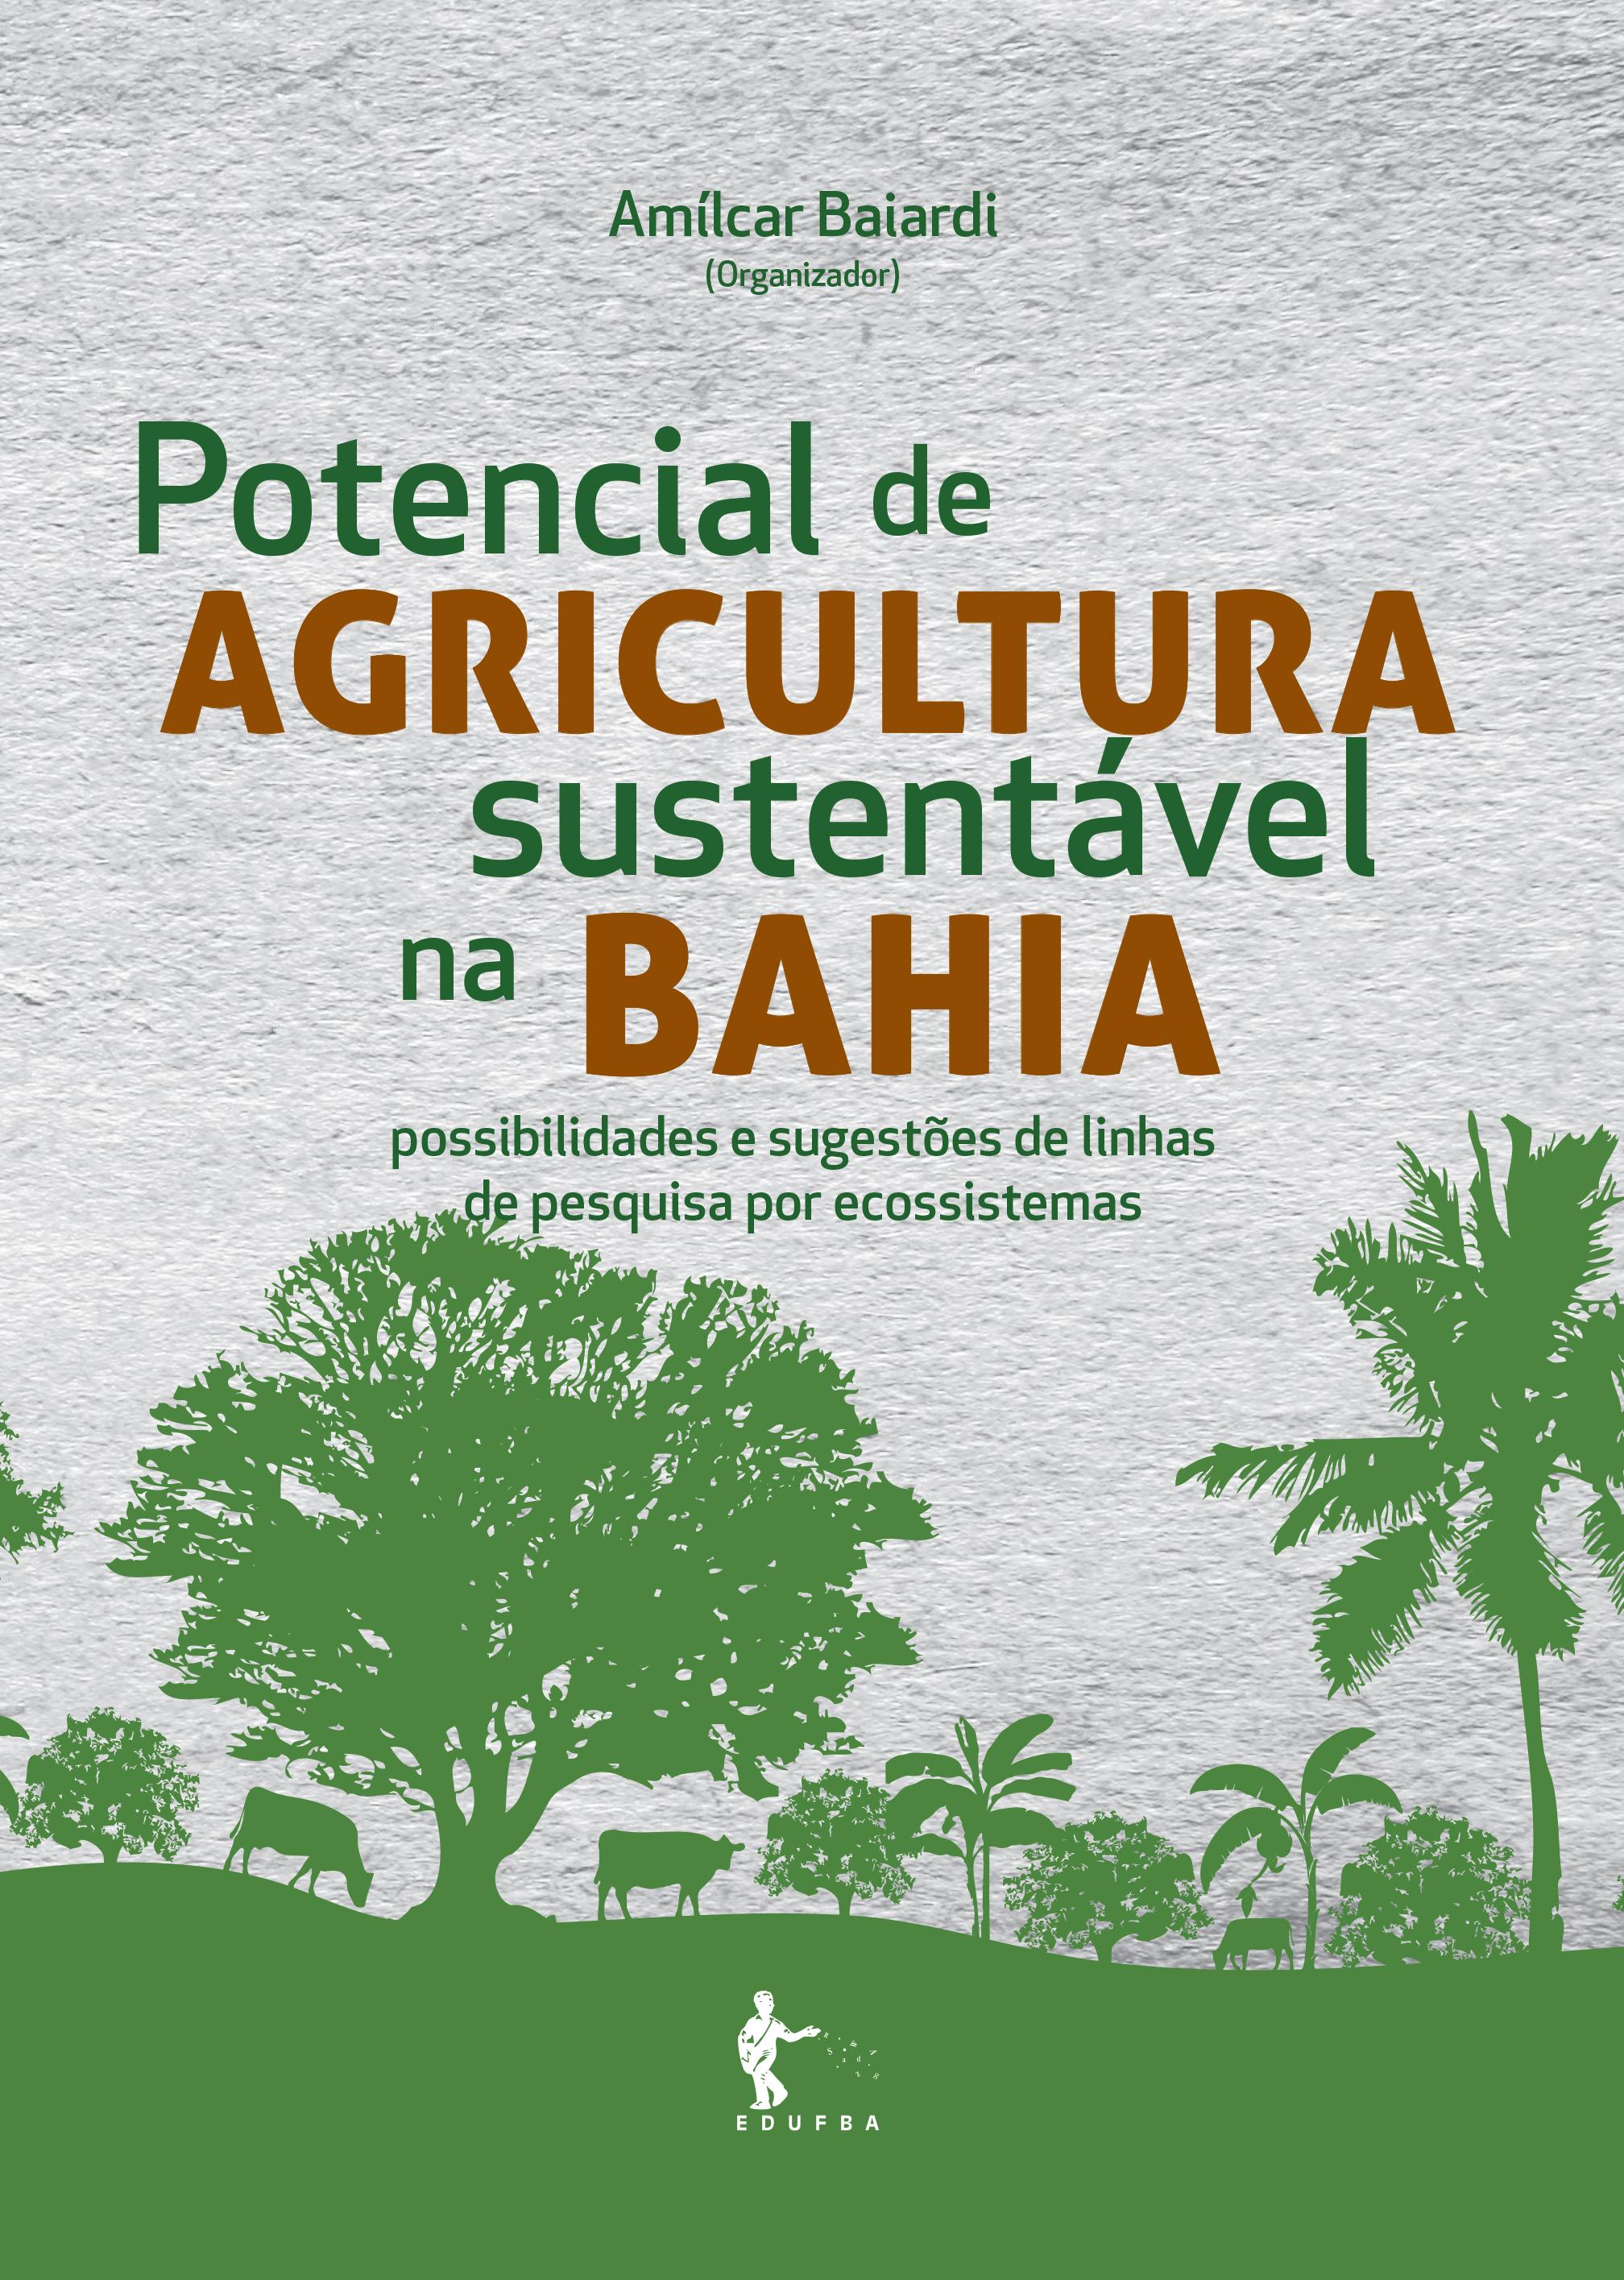 Potencial de agricultura sustentável na Bahia: possibilidades e sugestões de linhas de pesquisa por ecossistemas, livro de Amílcar Baiardi (org.)